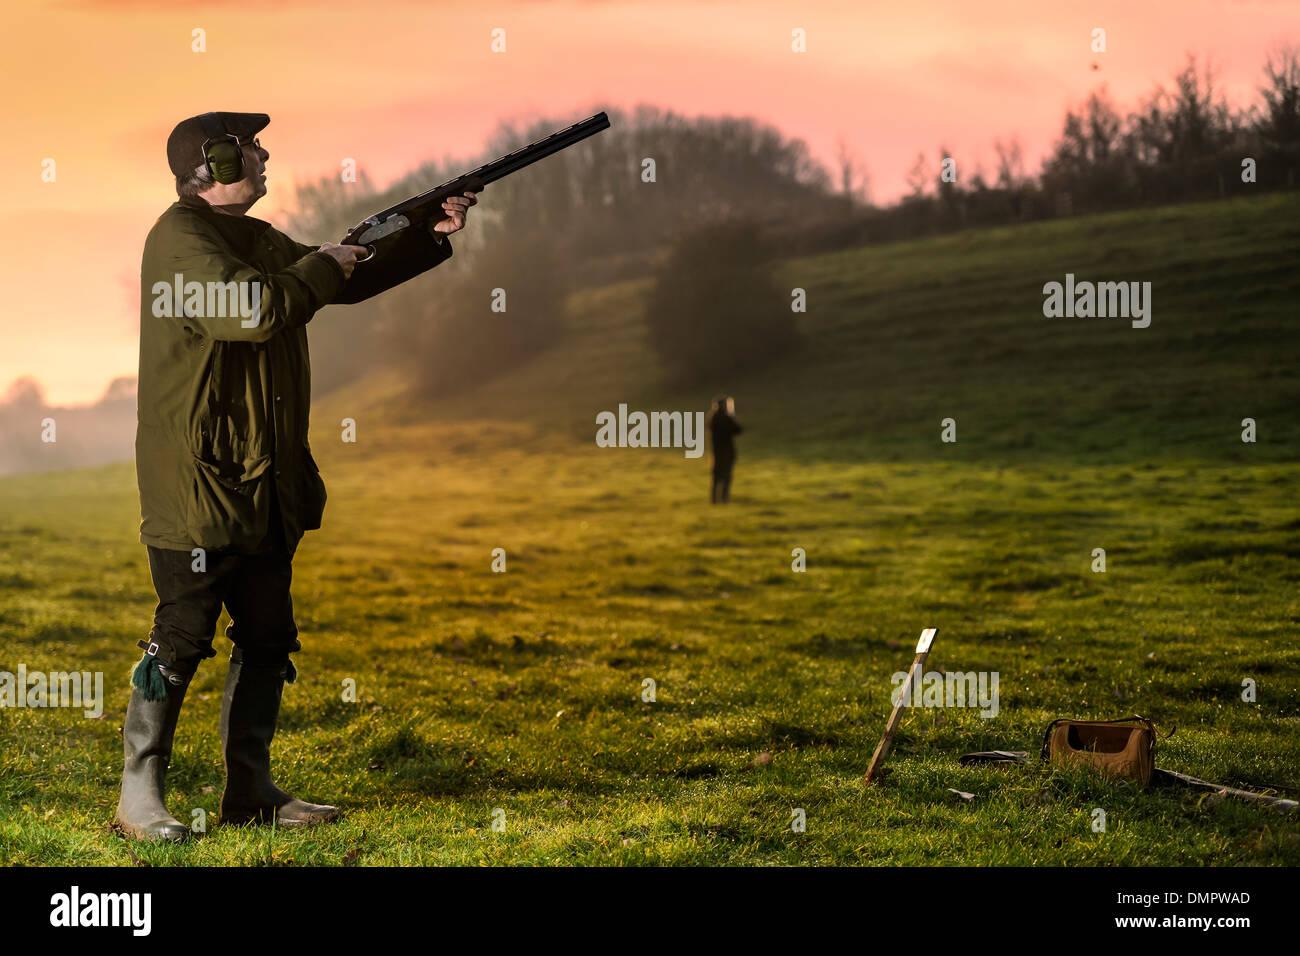 Dezember-Shooting-Party Stockbild